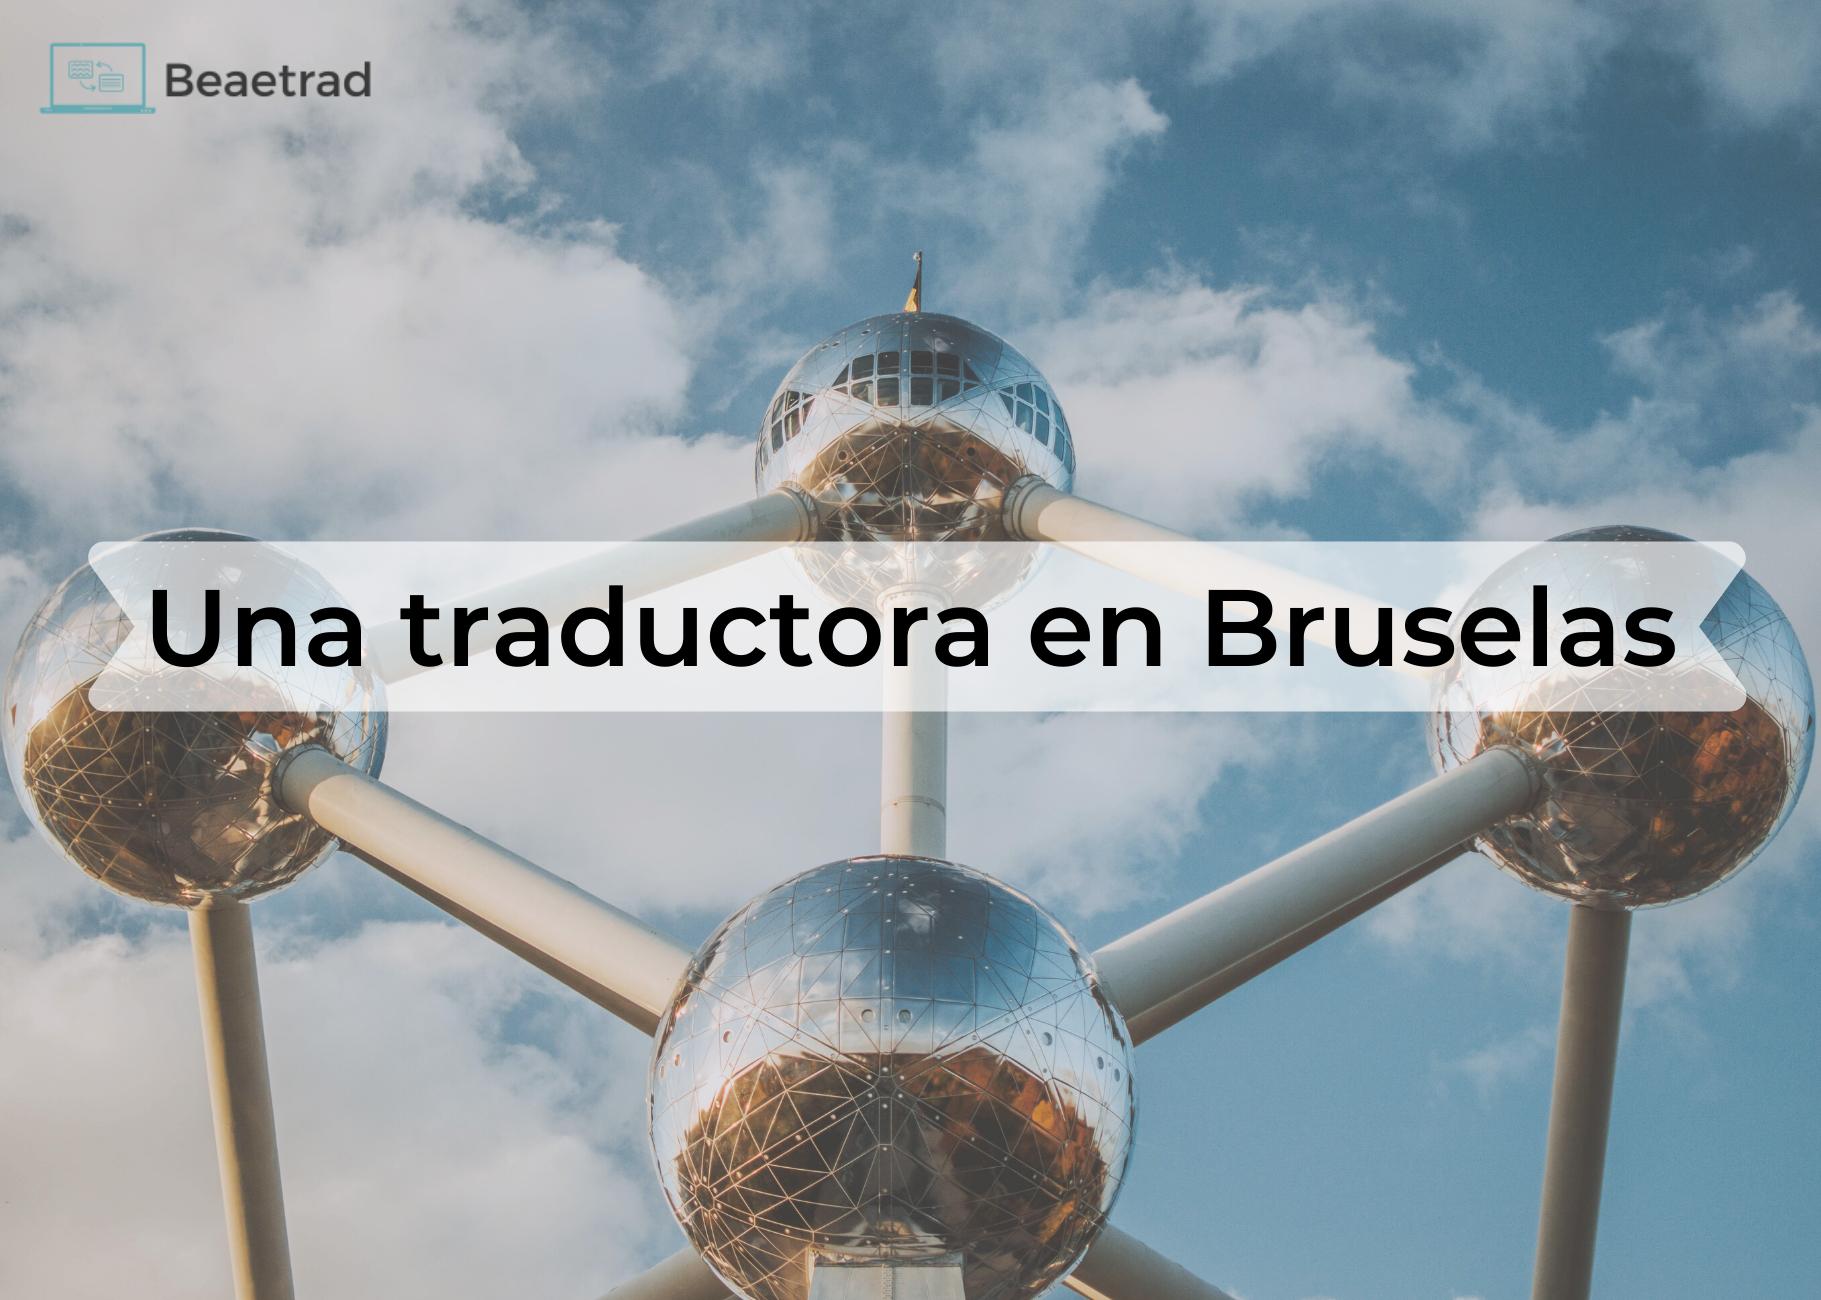 Una traductora en Bruselas